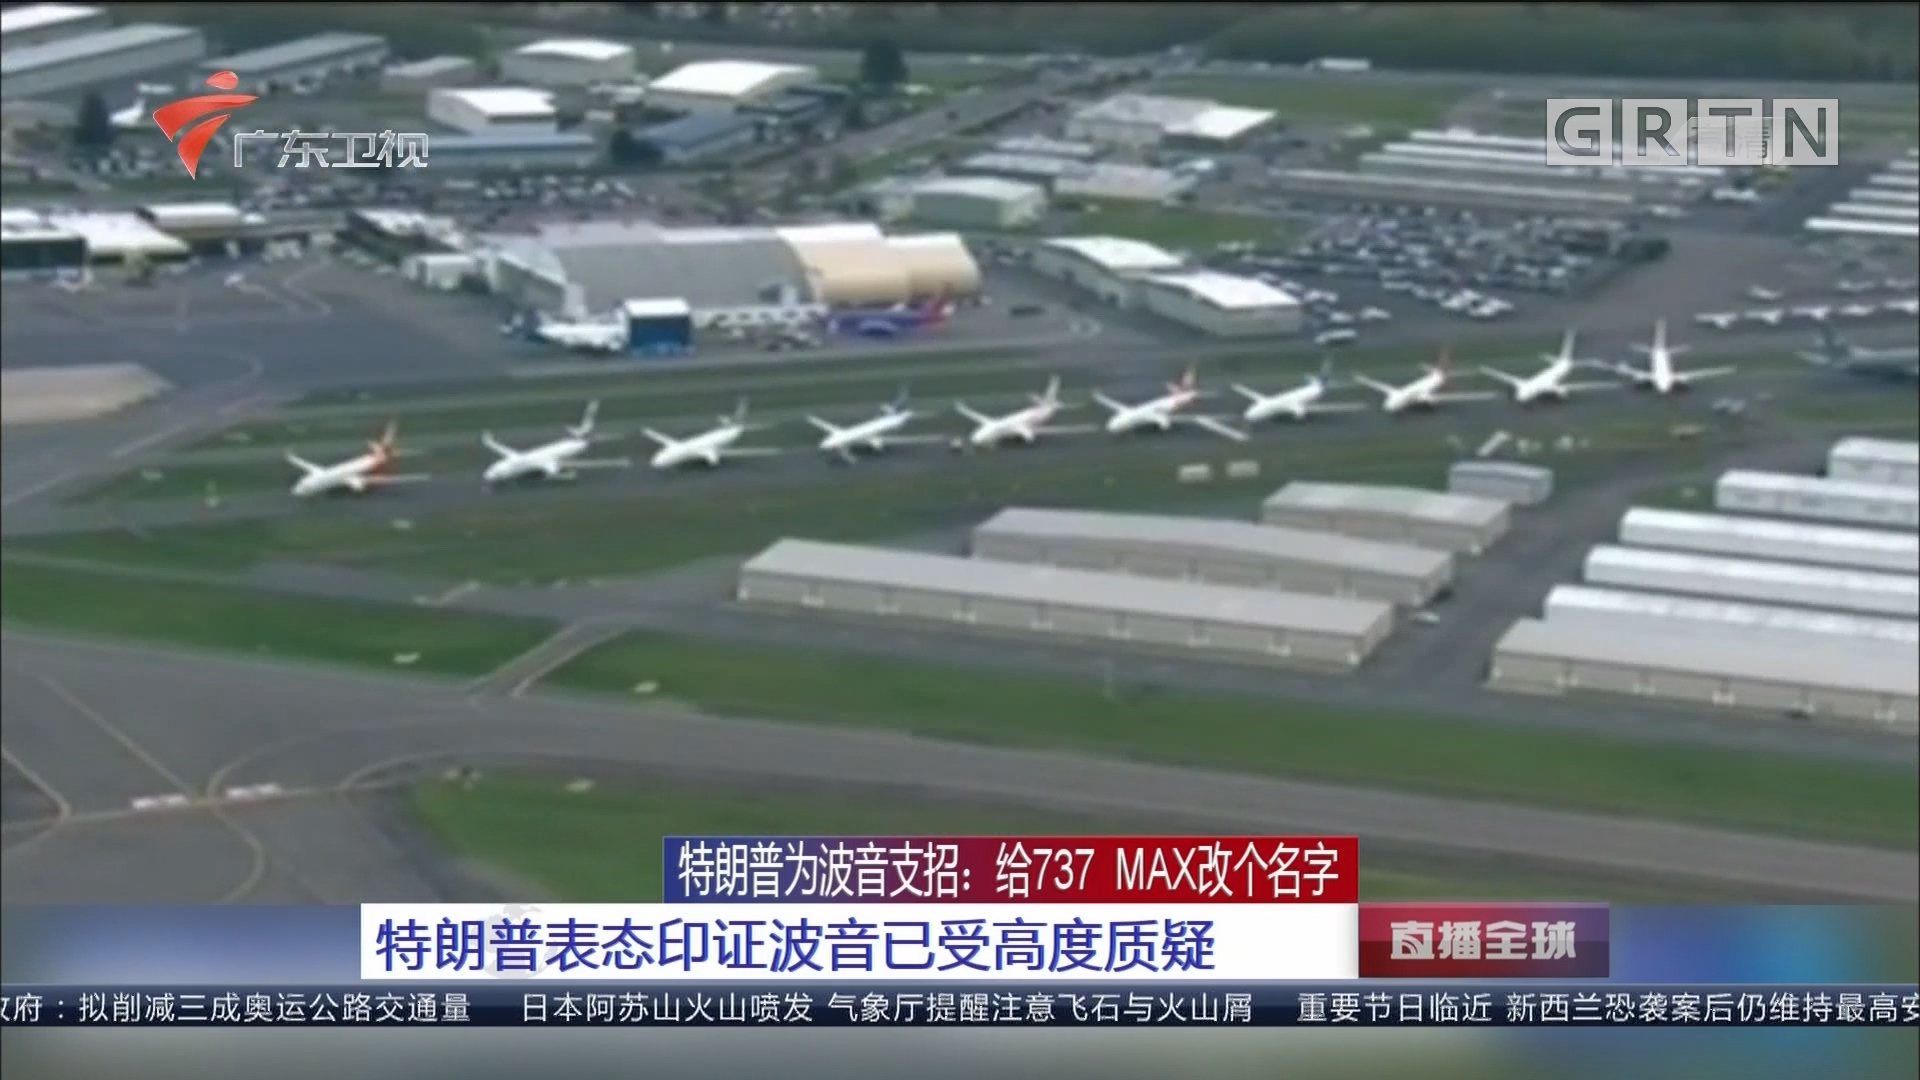 特朗普为波音支招:给737 MAX改个名字 特朗普表态印证波音已受高度质疑